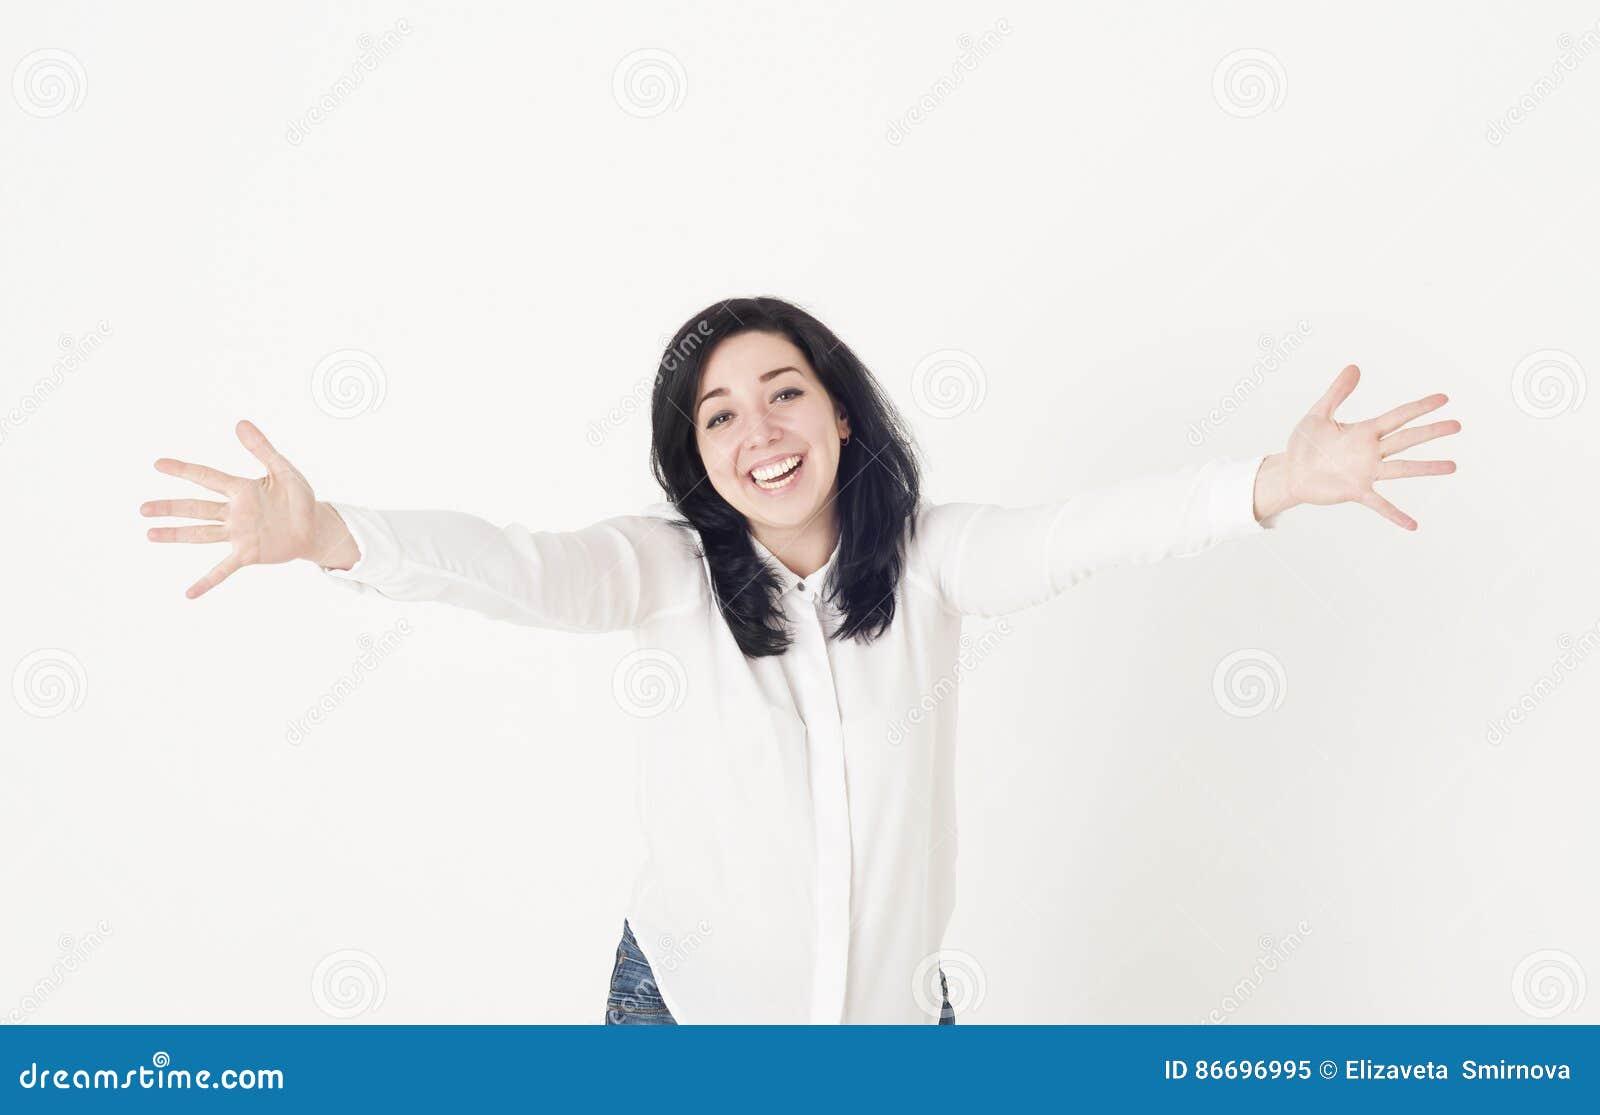 Junge Frau in einer weißen Bluse bereitet vor sich, jemand zu umarmen, verbreitet ihre Hände weit auseinander und grüßt das Läche